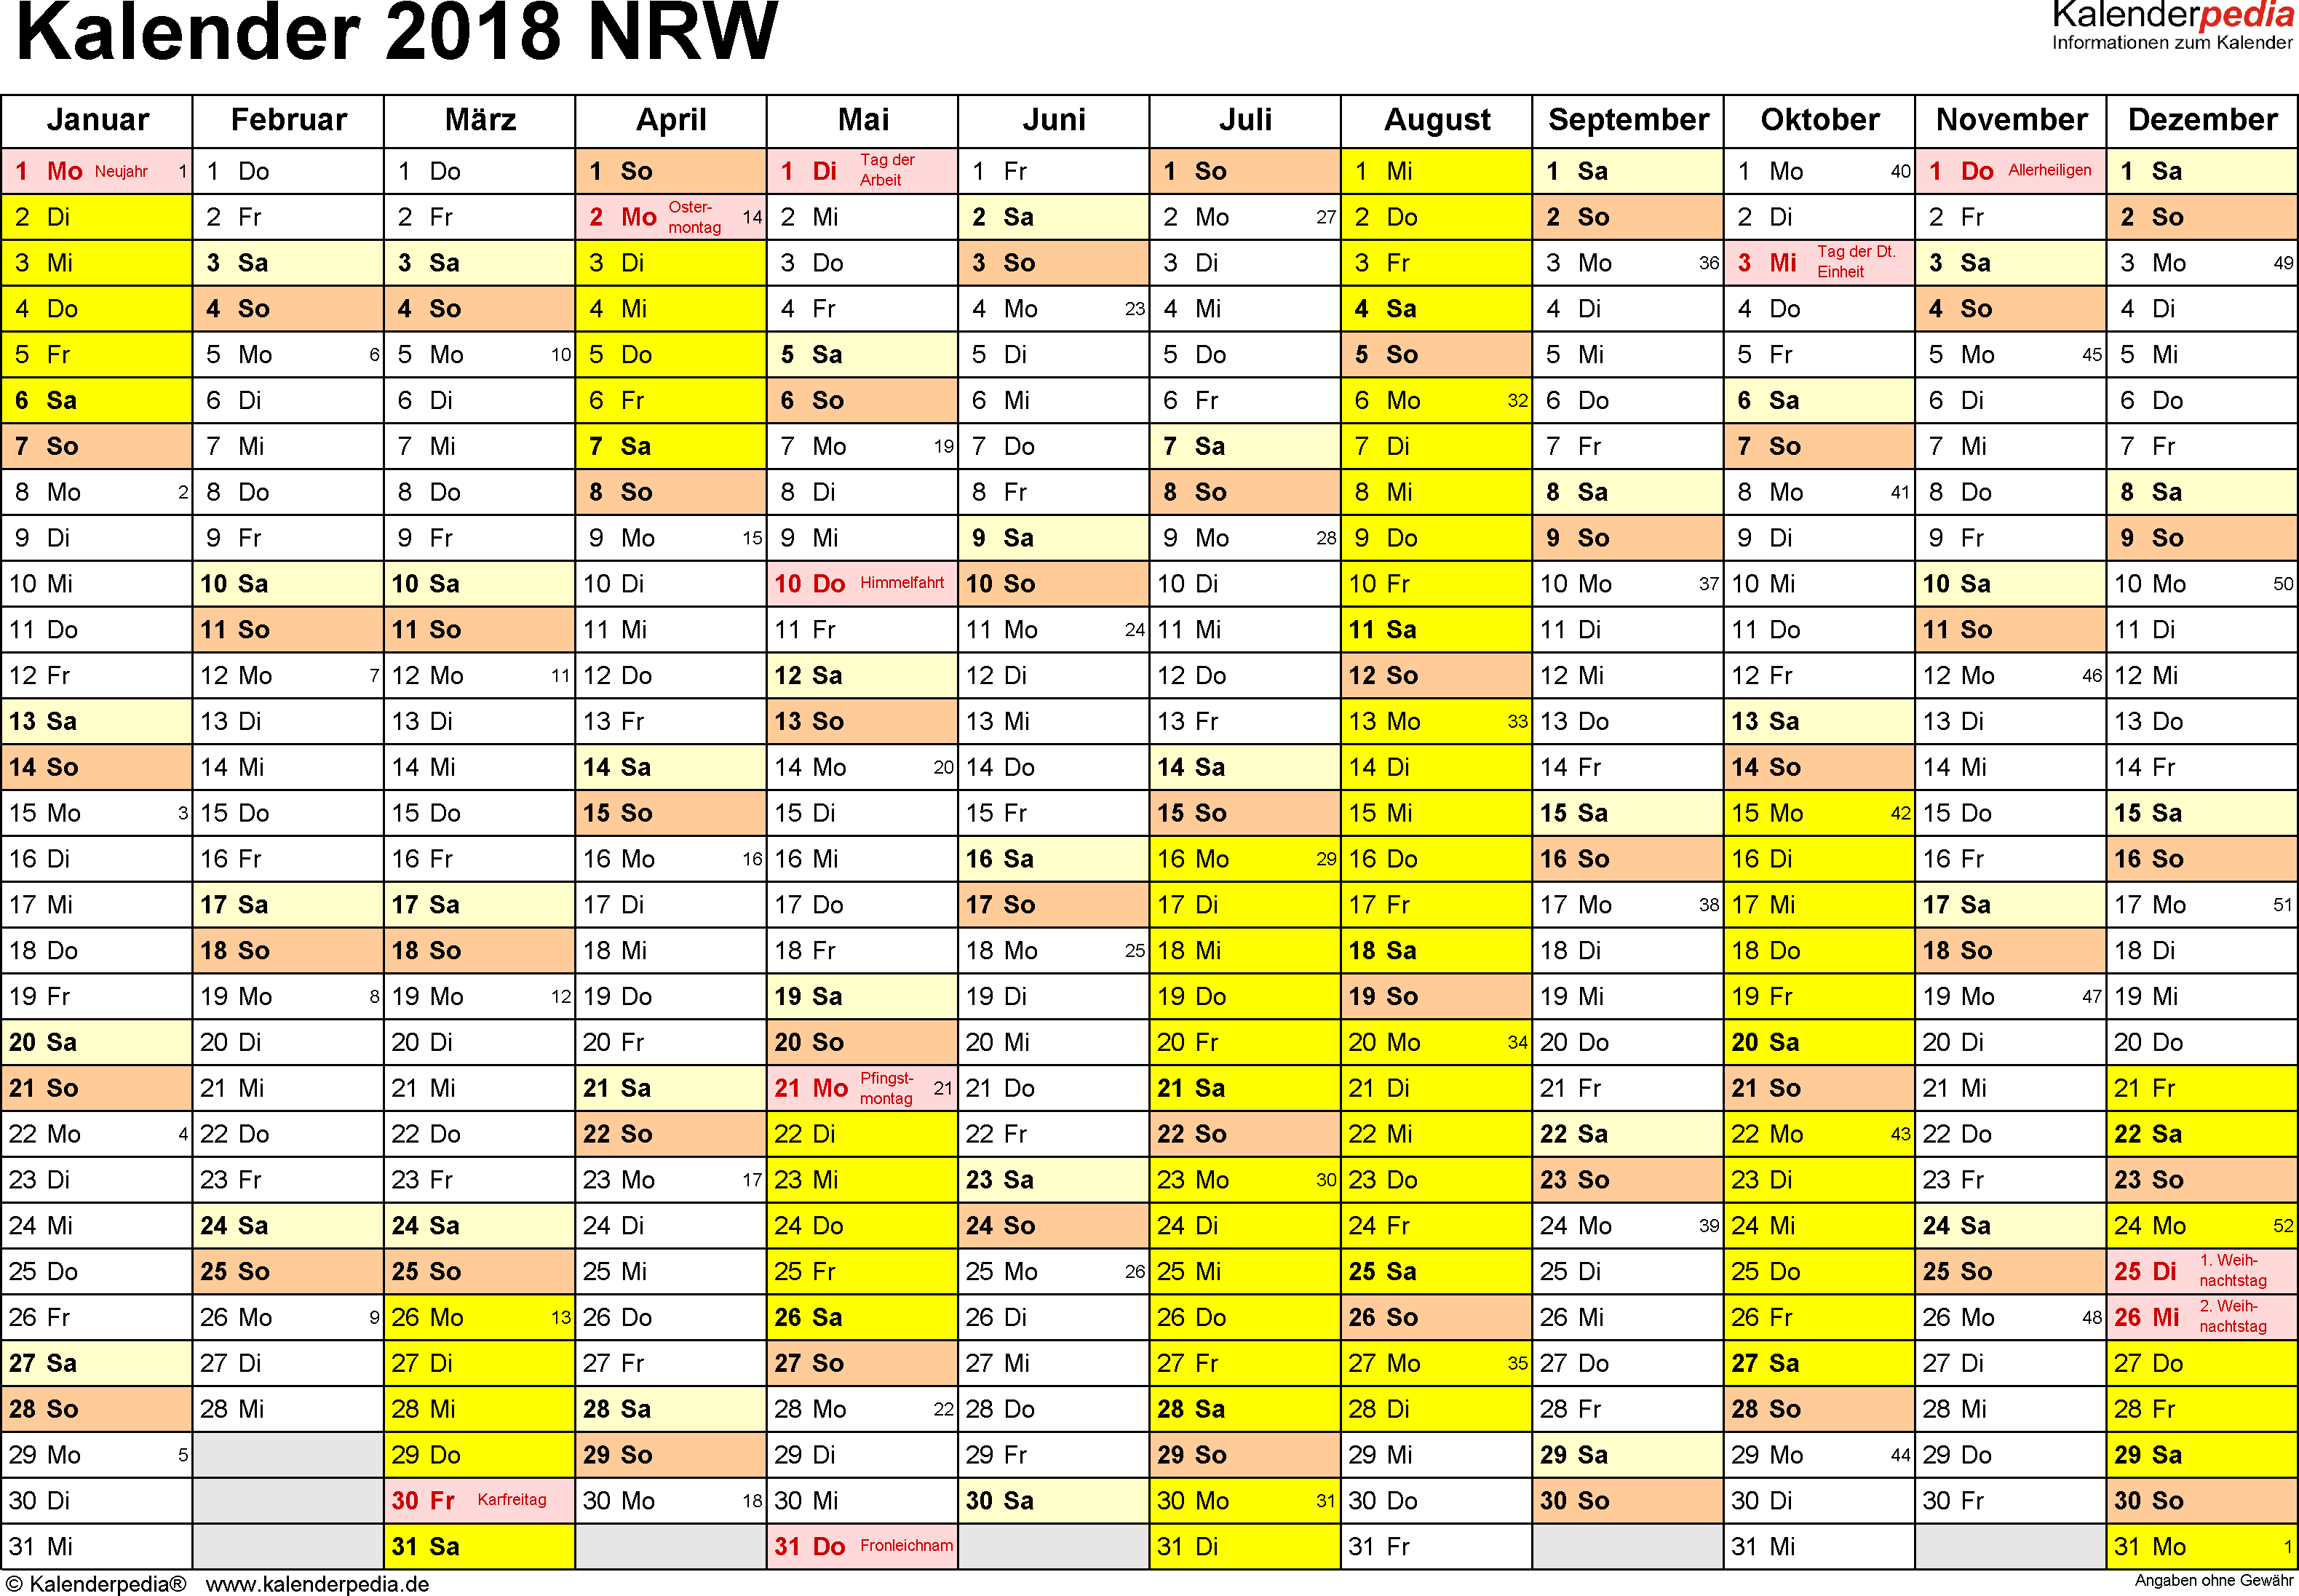 Vorlage 1: Kalender 2018 für Nordrhein-Westfalen (NRW) als PDF-Vorlage (Querformat, 1 Seite)